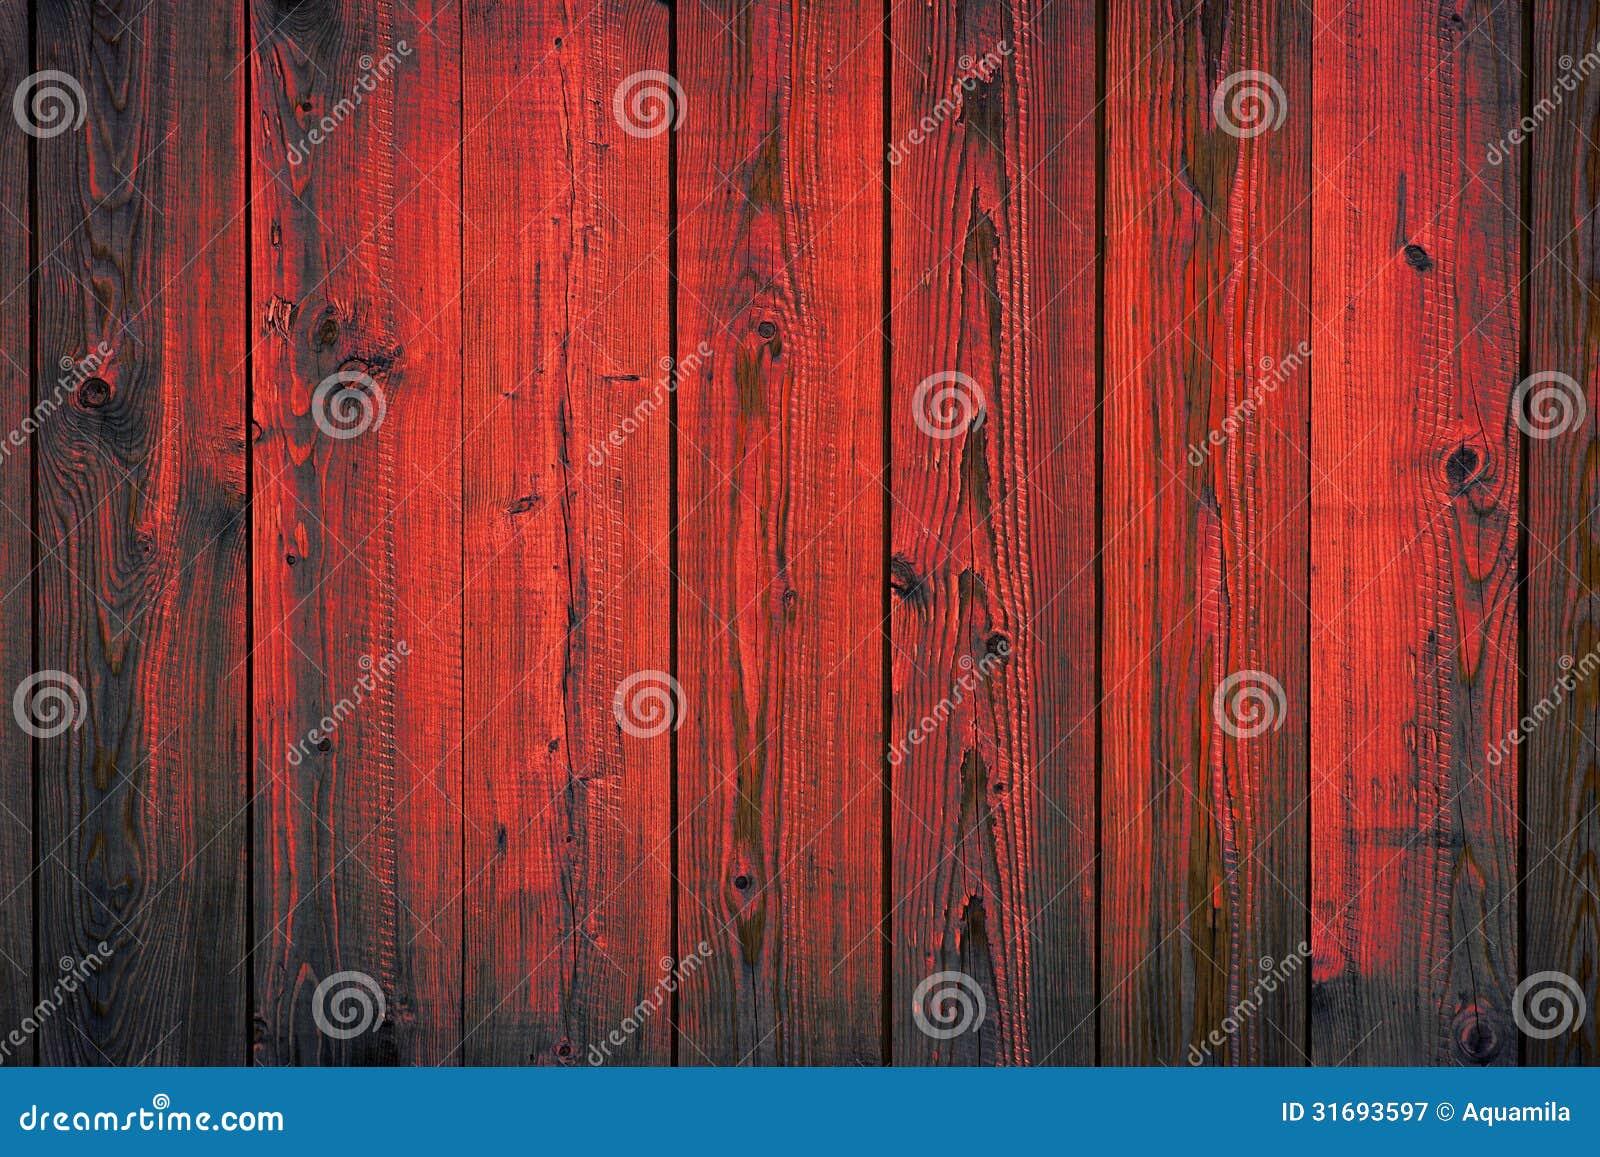 photo painted wood grunge - photo #19